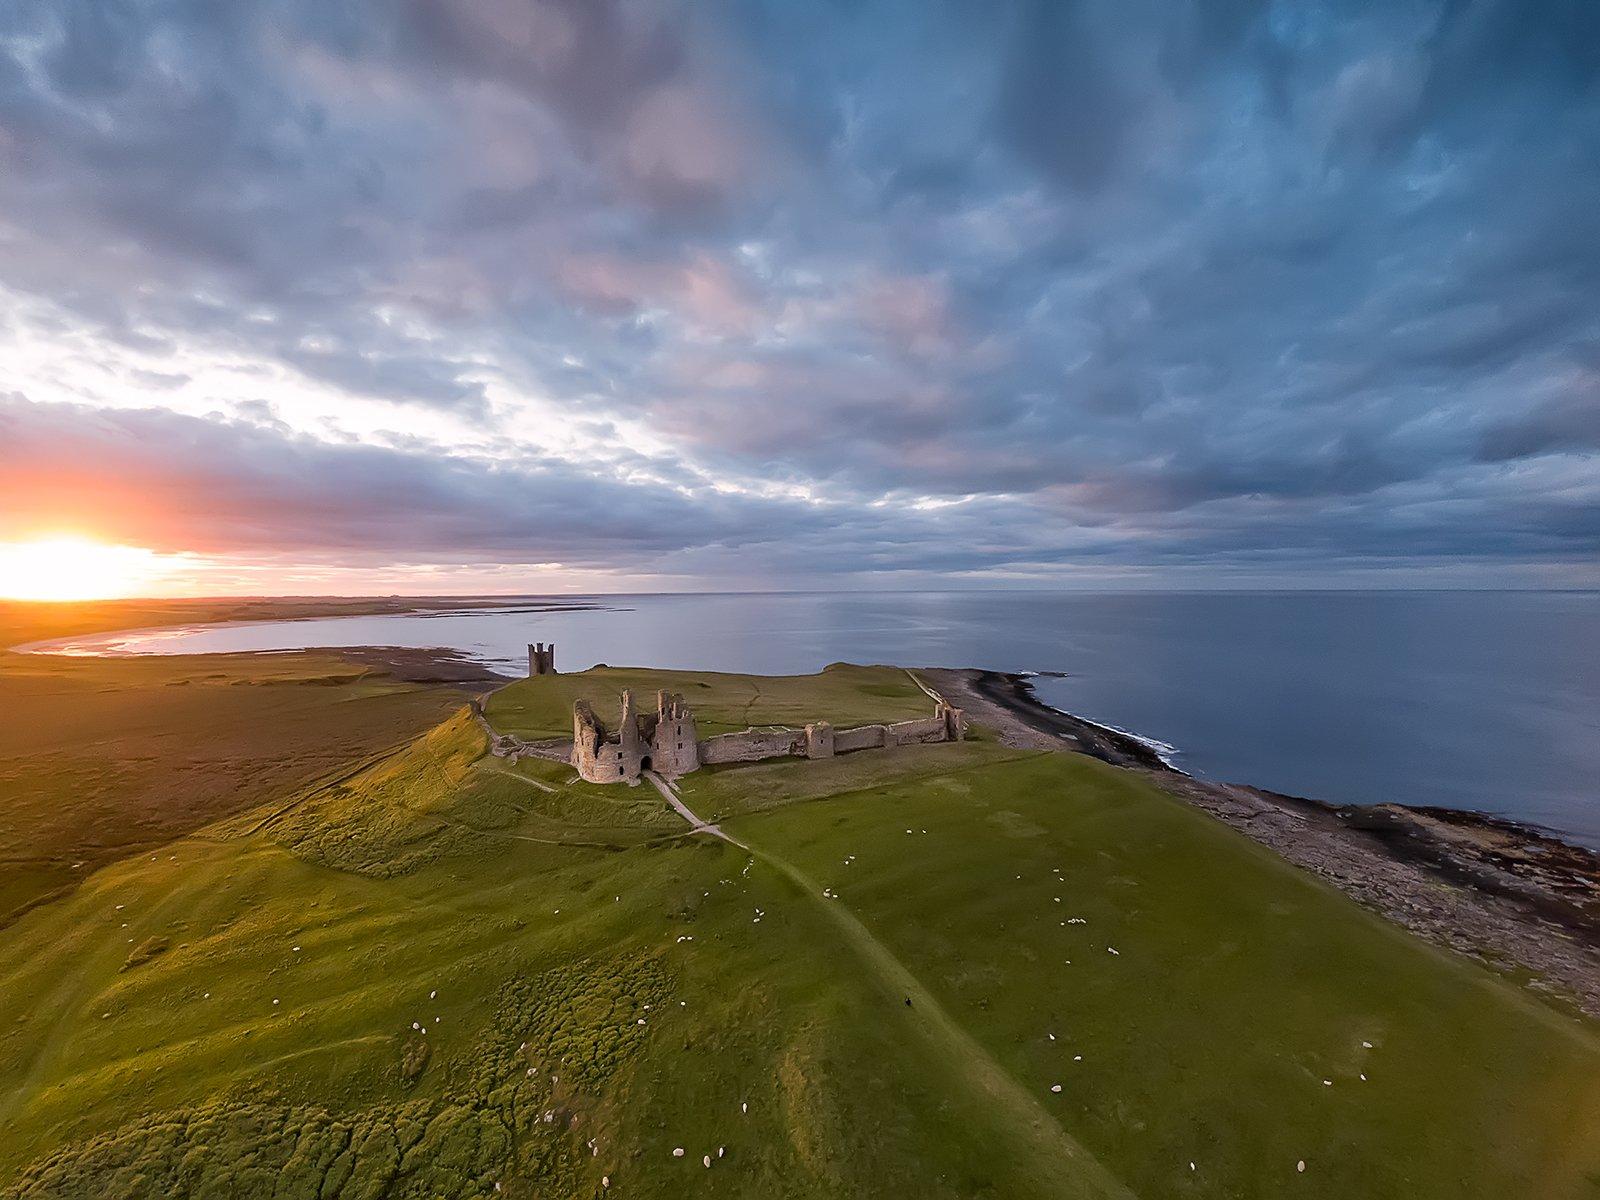 Northumberland, coastline, North Sea, UK, sunset, Ольга Тарасюк